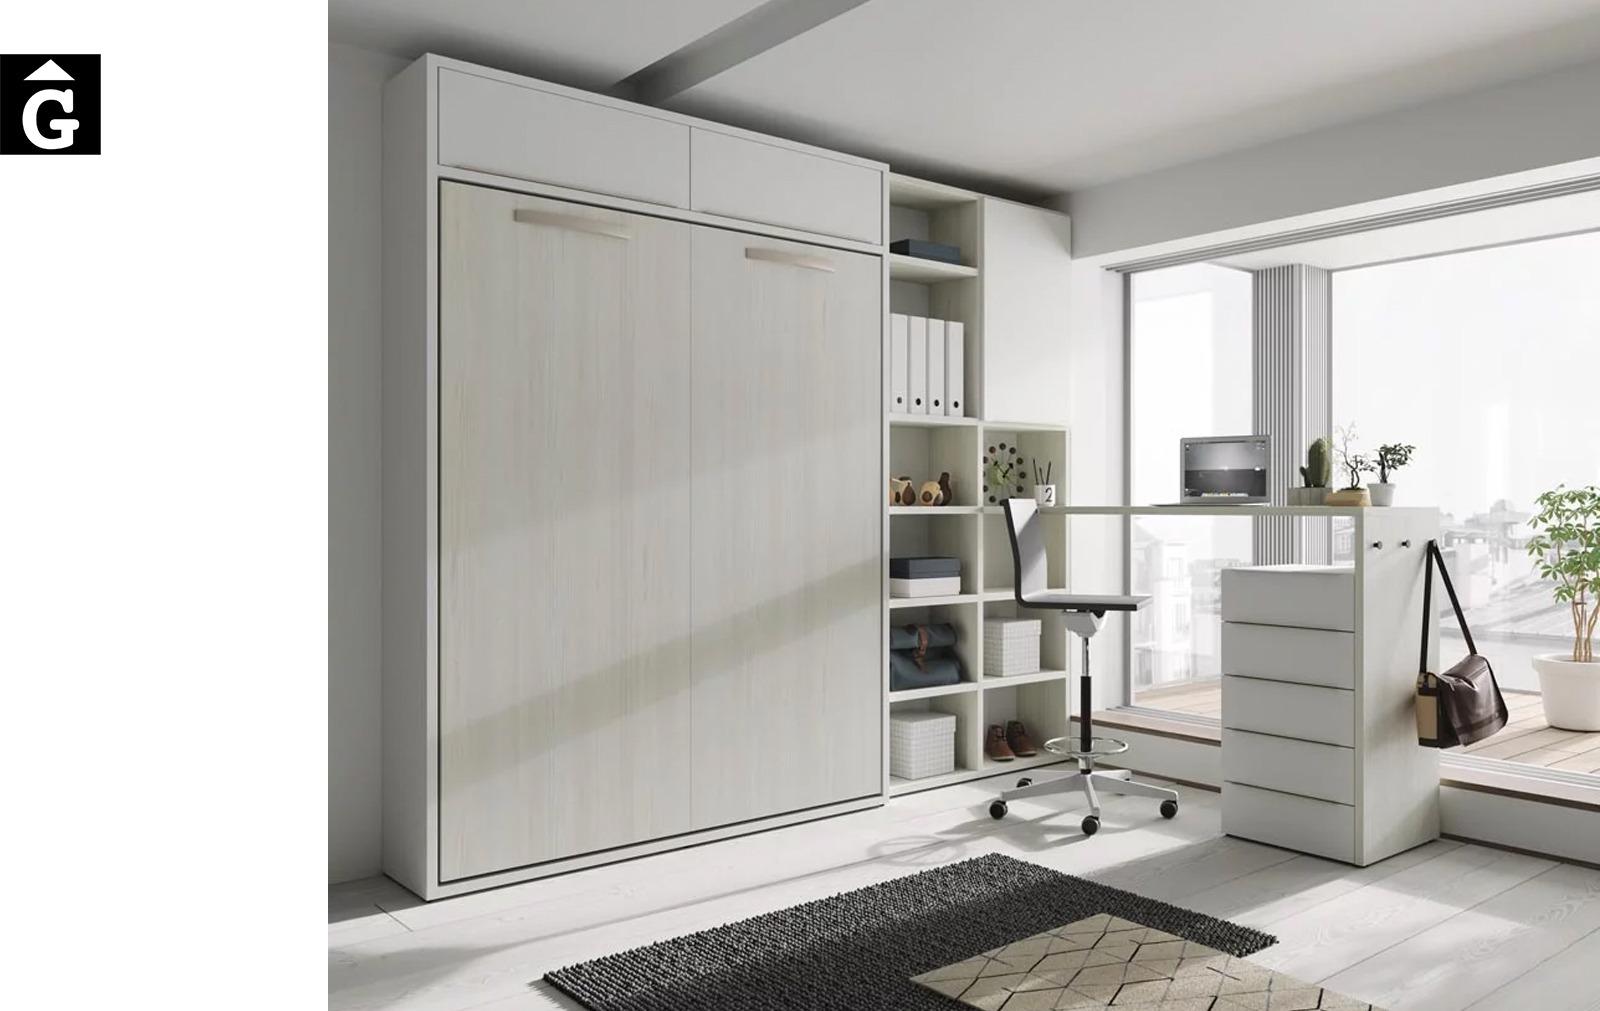 Habitació llit abatible gran | Up & Down | llits abatibles | Pràctics, saludables i segurs | Jotajotape | mobles Gifreu